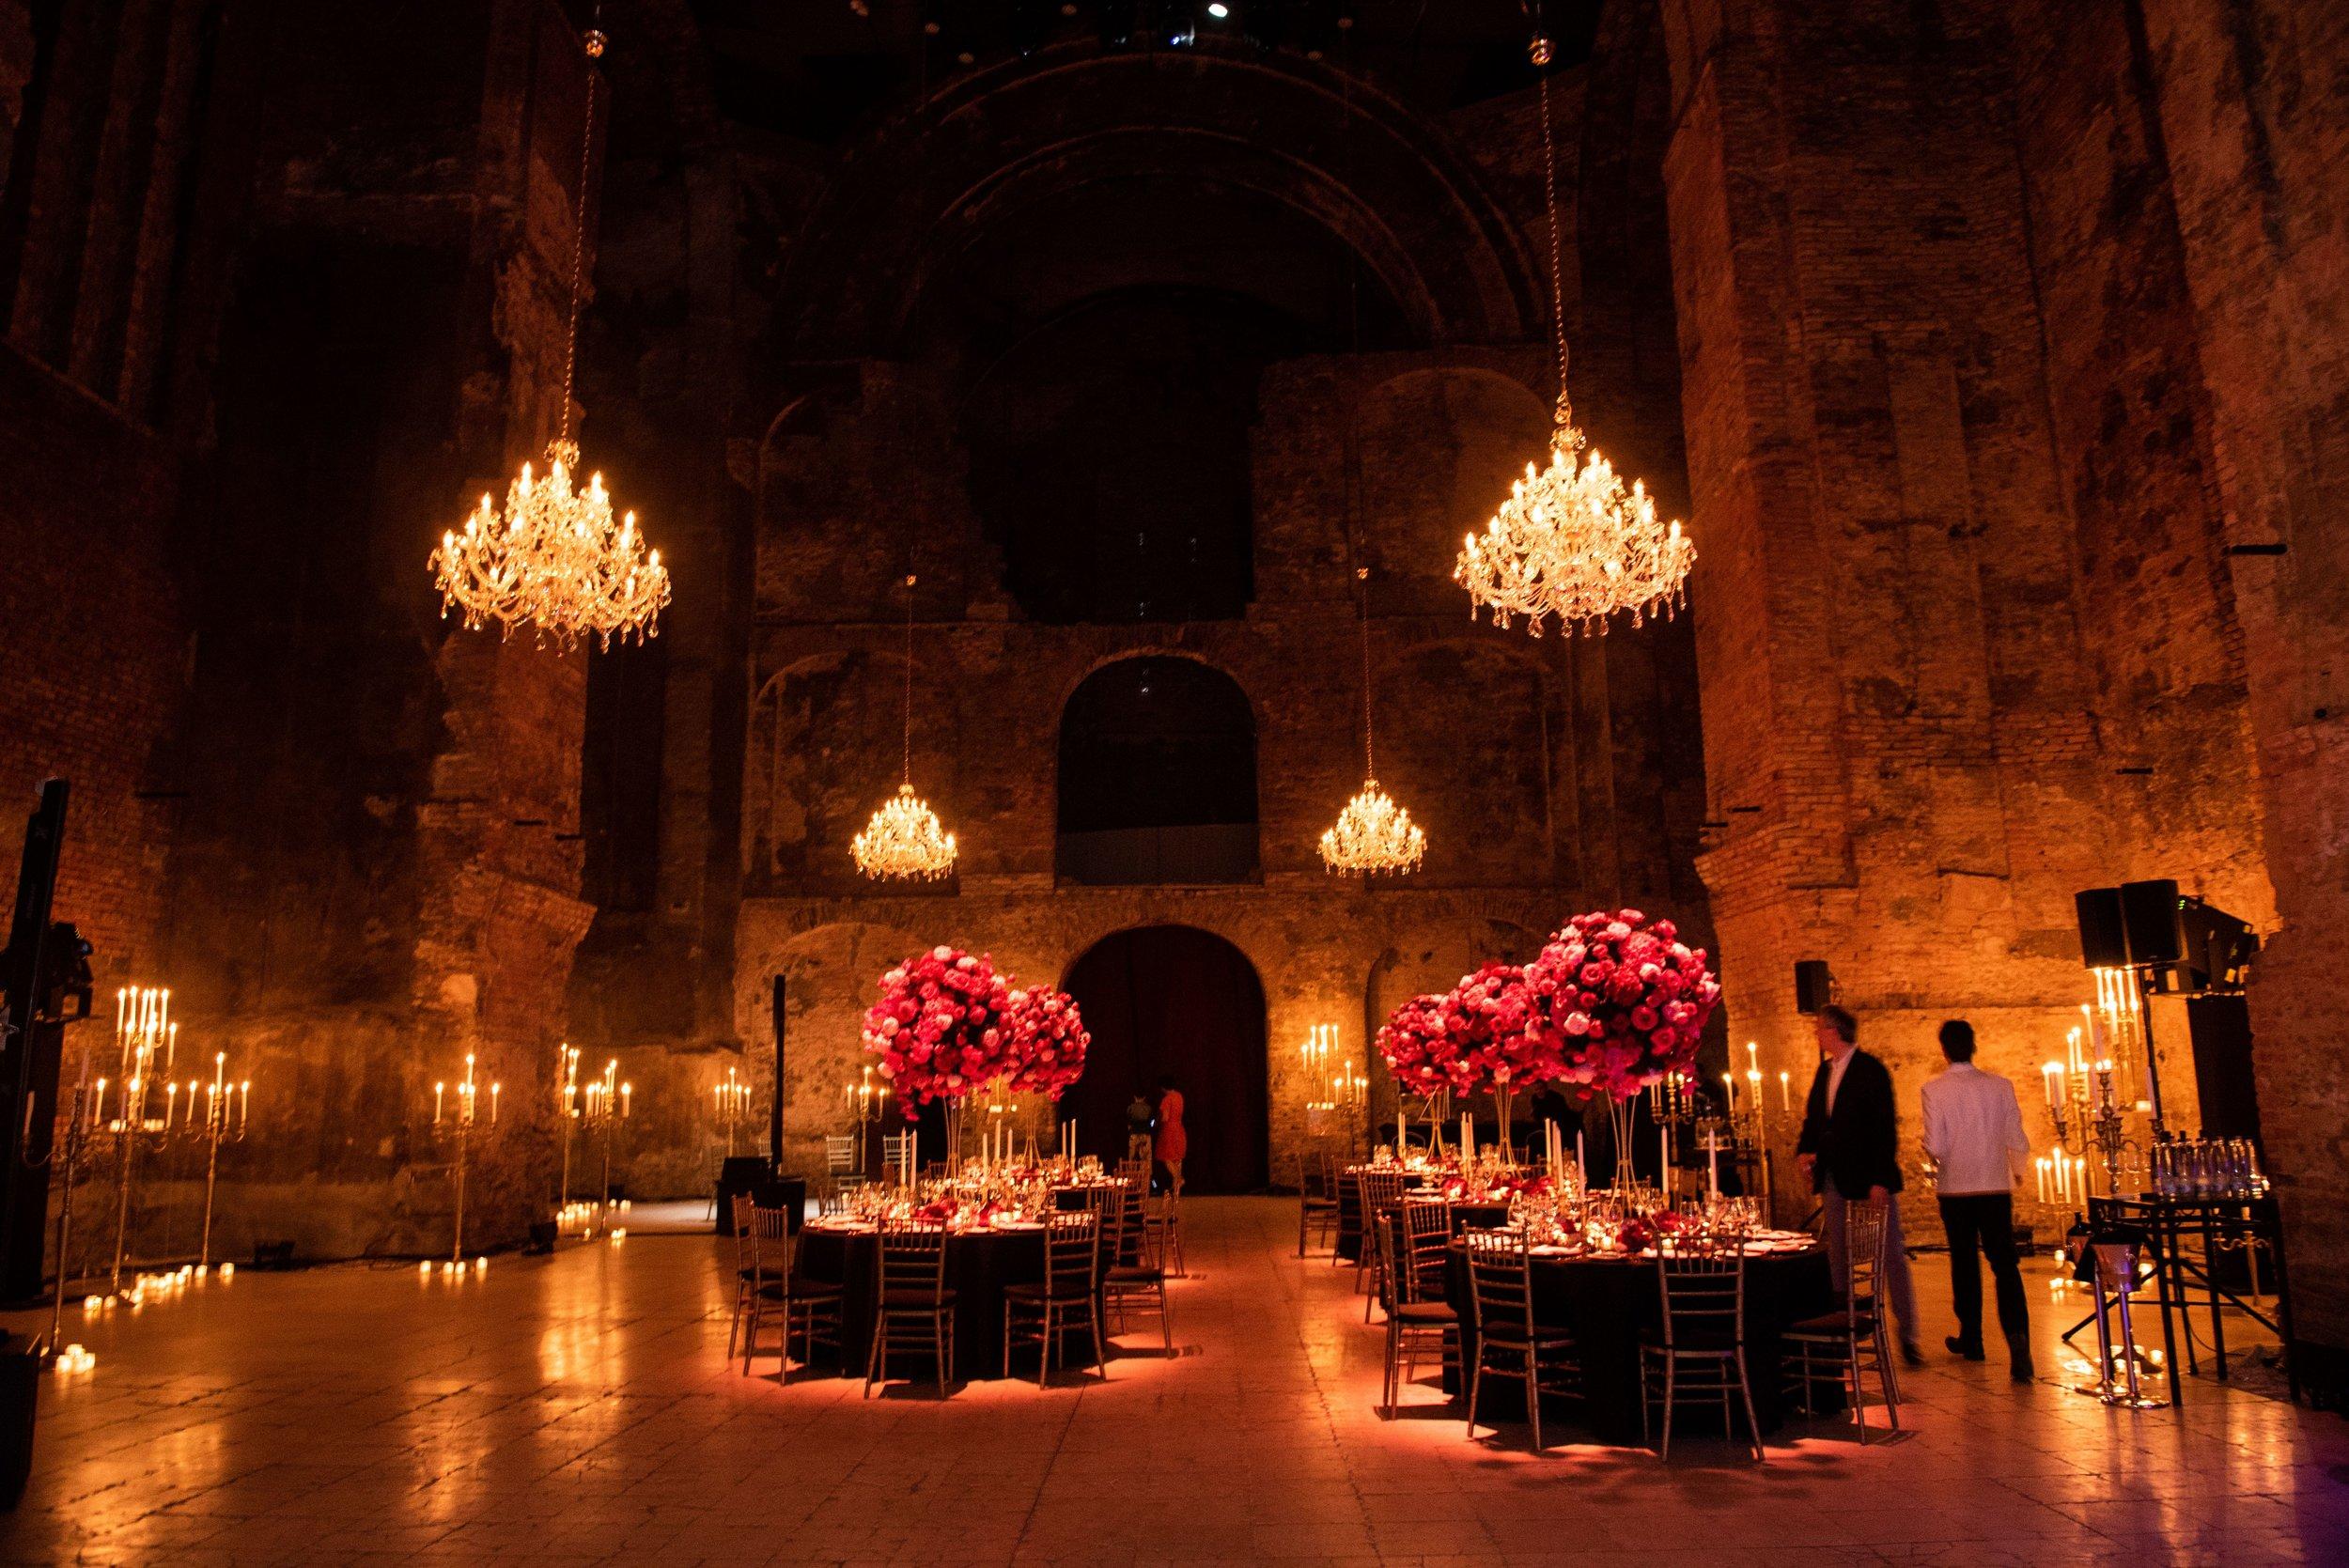 Wranovsky-chandeliers-Budapest-2.jpg